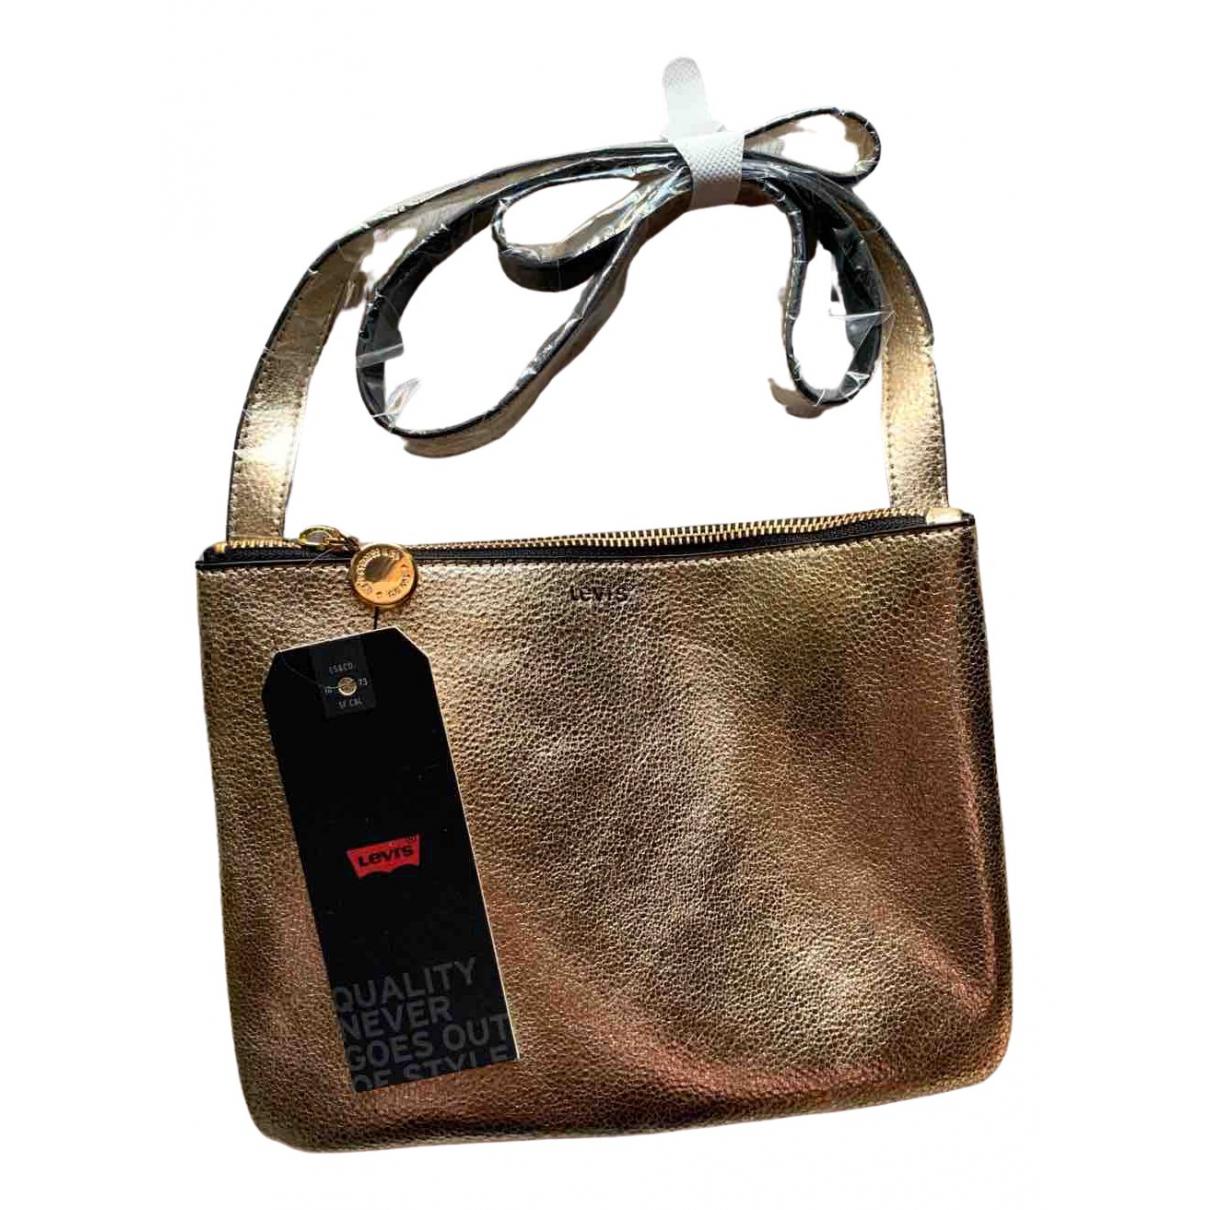 Levi's \N Gold handbag for Women \N